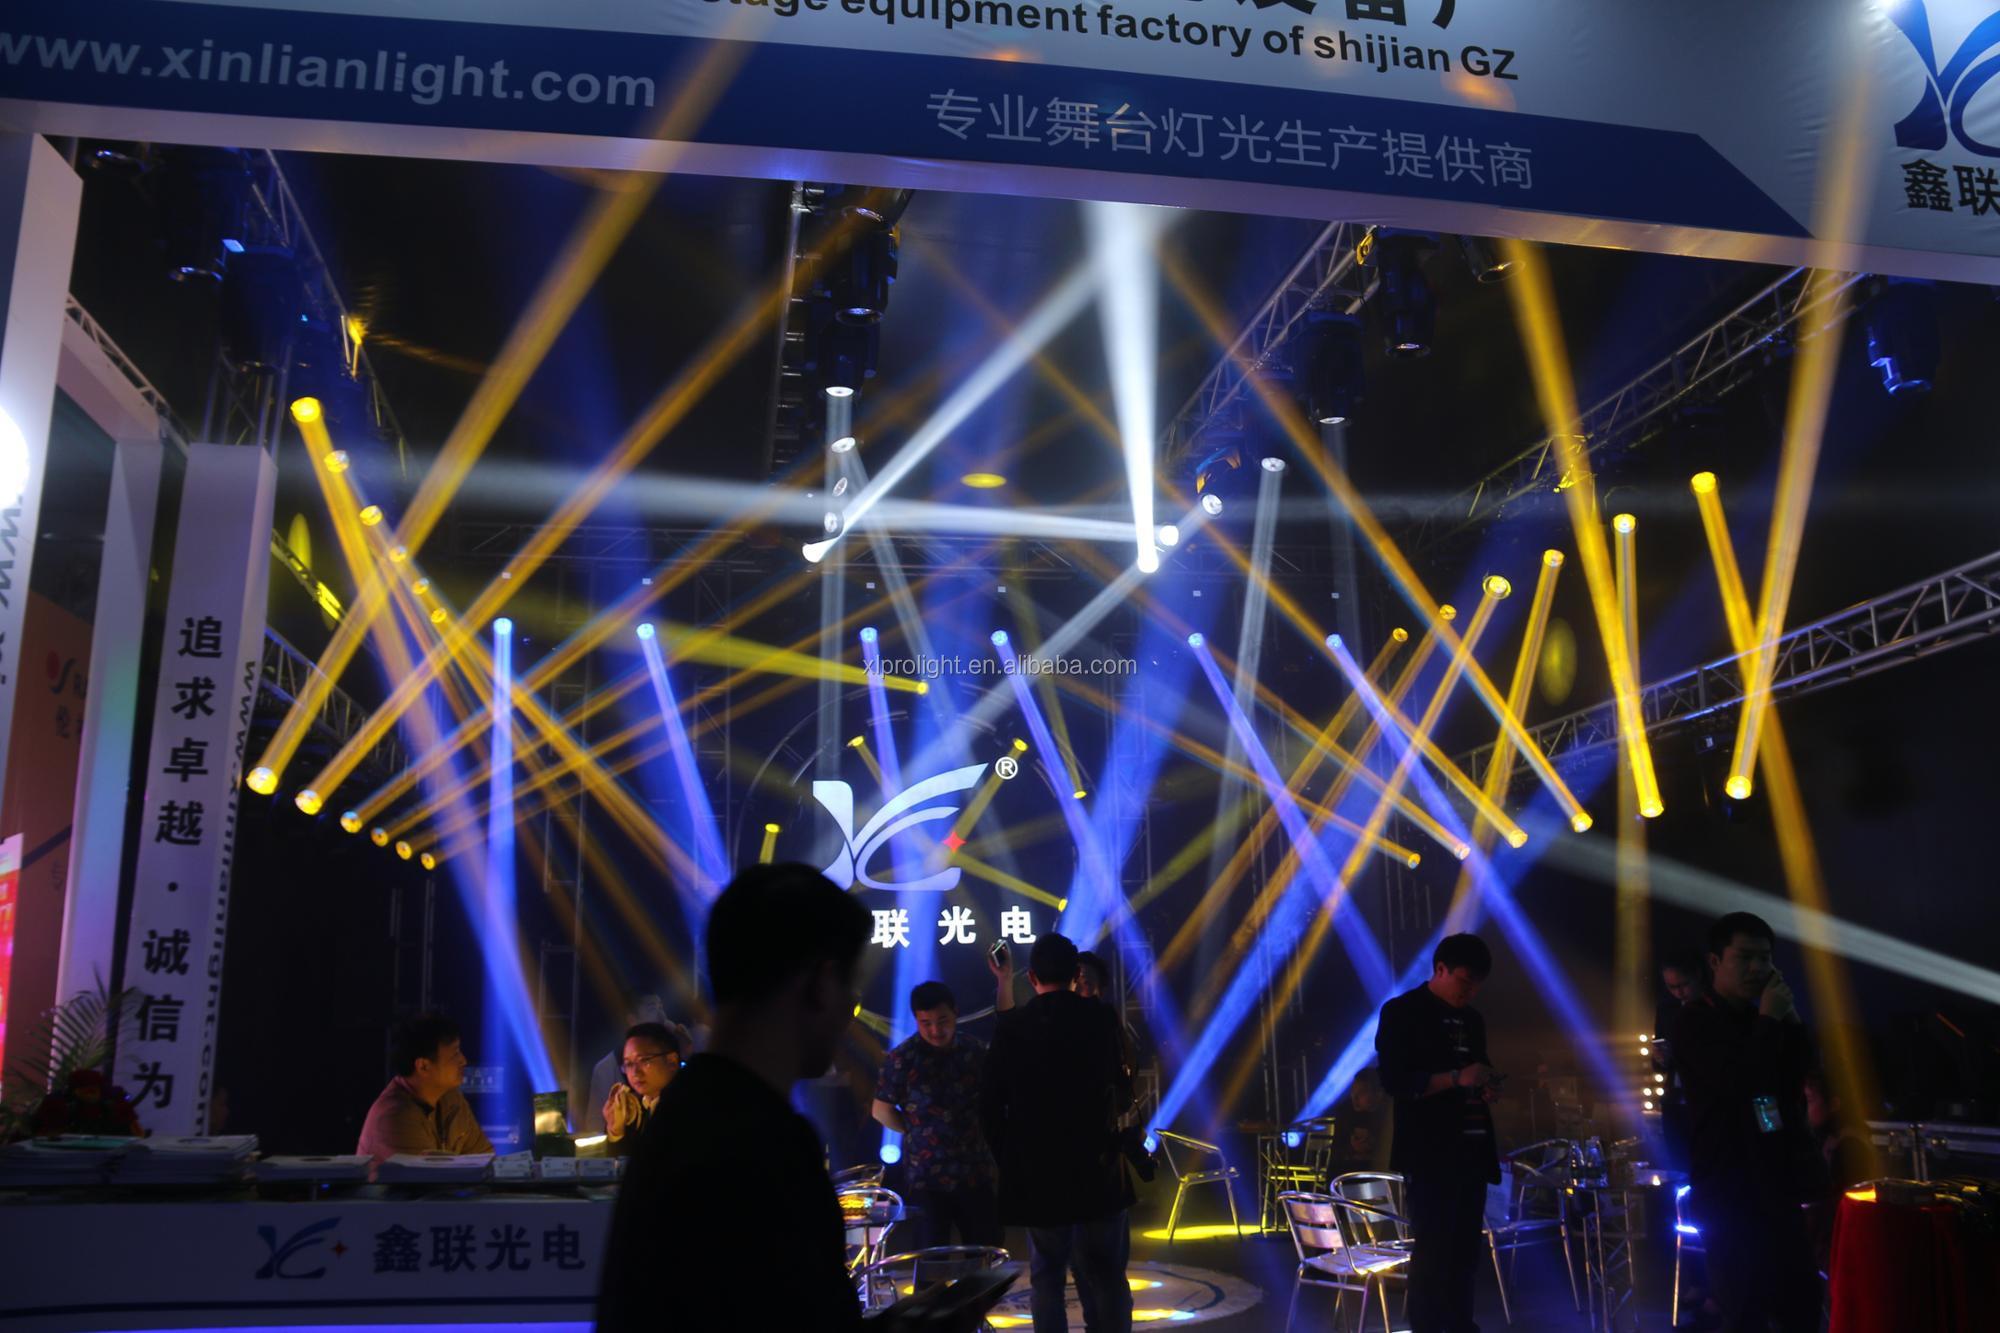 Clay Paky 230w sharpy 7r beam moving head sharp dj light